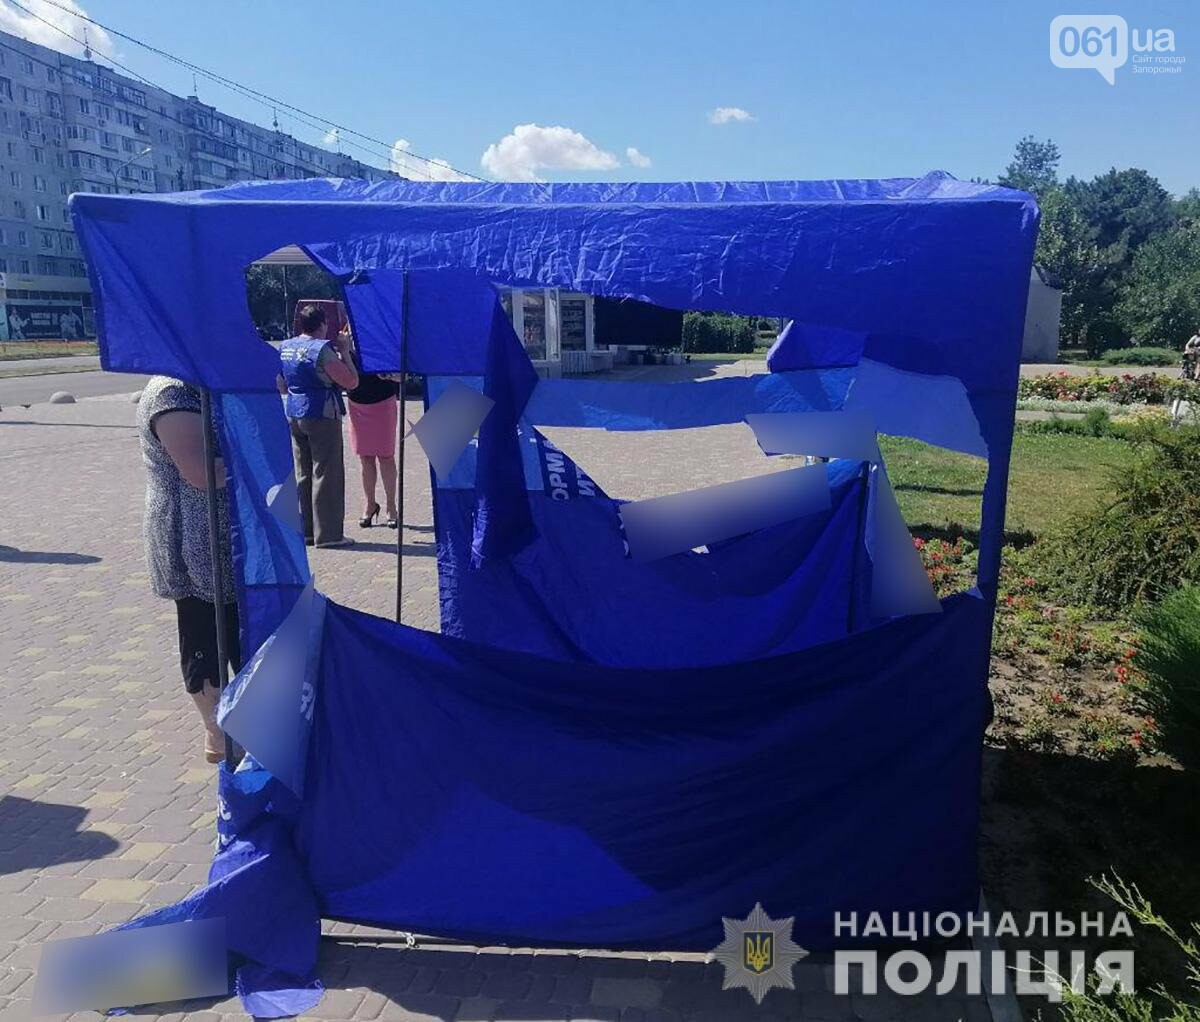 В Запорожье разгромили несколько агитпалаток одной из политсил - подозреваемых в хулиганстве задержали , фото-1